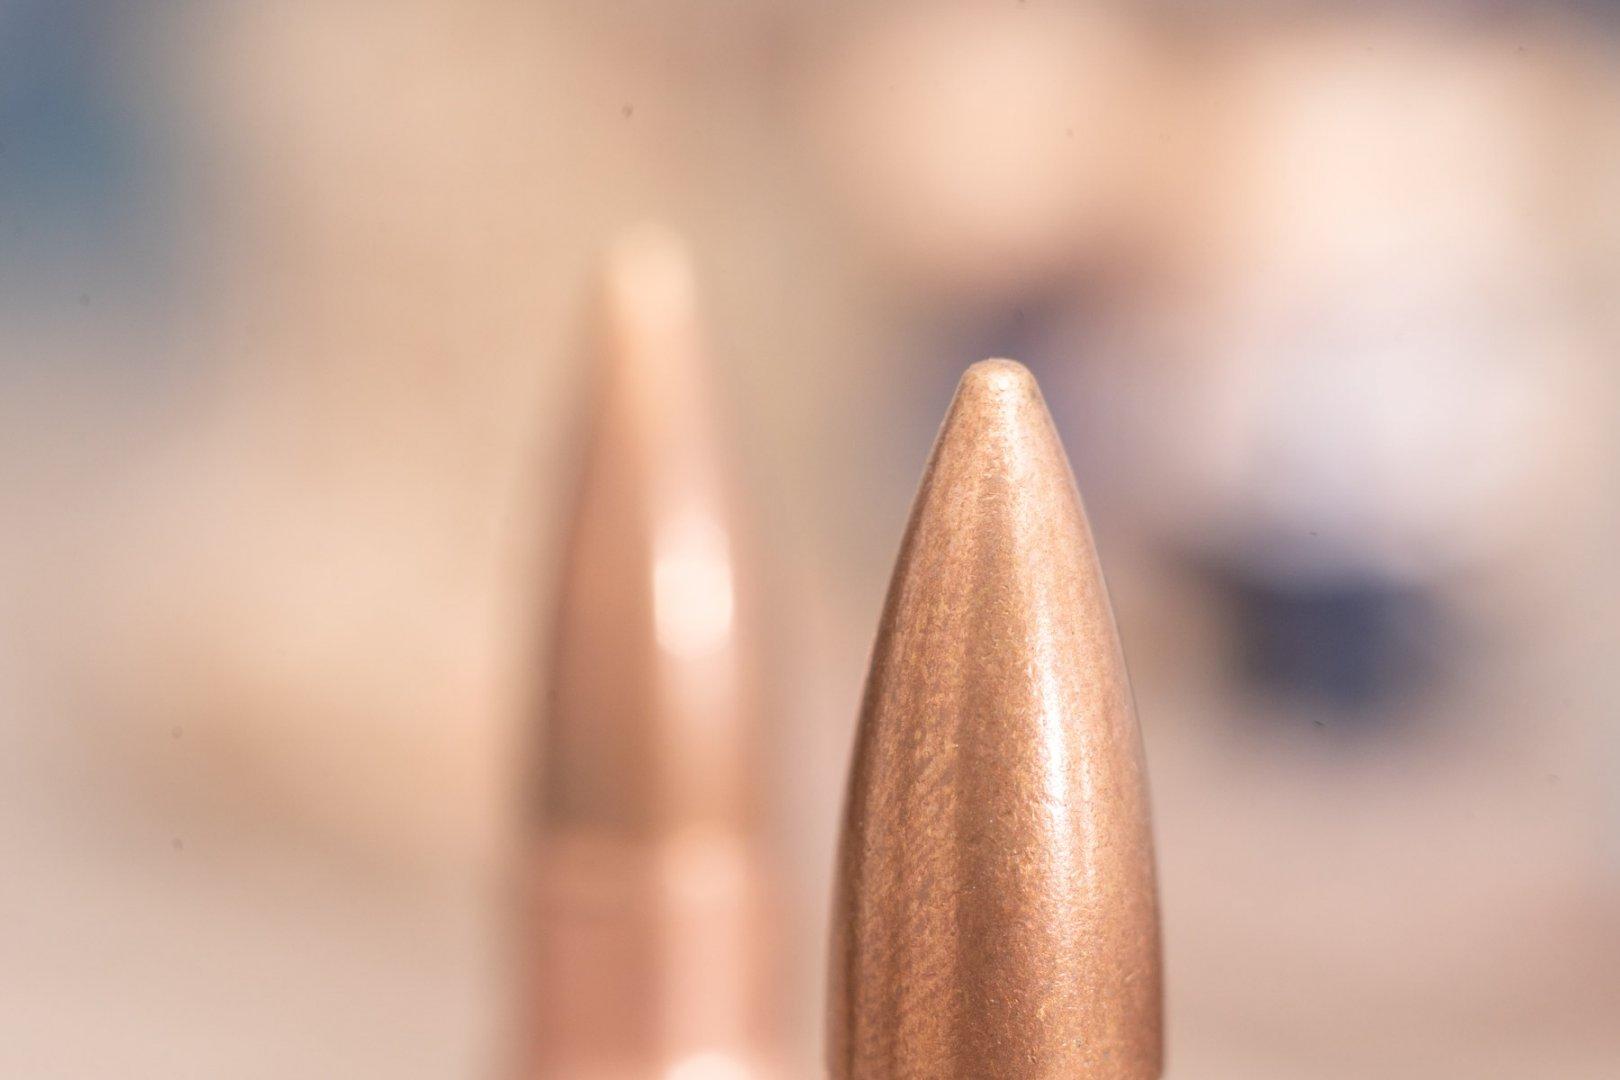 Vivitar 55mm f2.8 İle Çekilmiş Örnek Fotoğraf